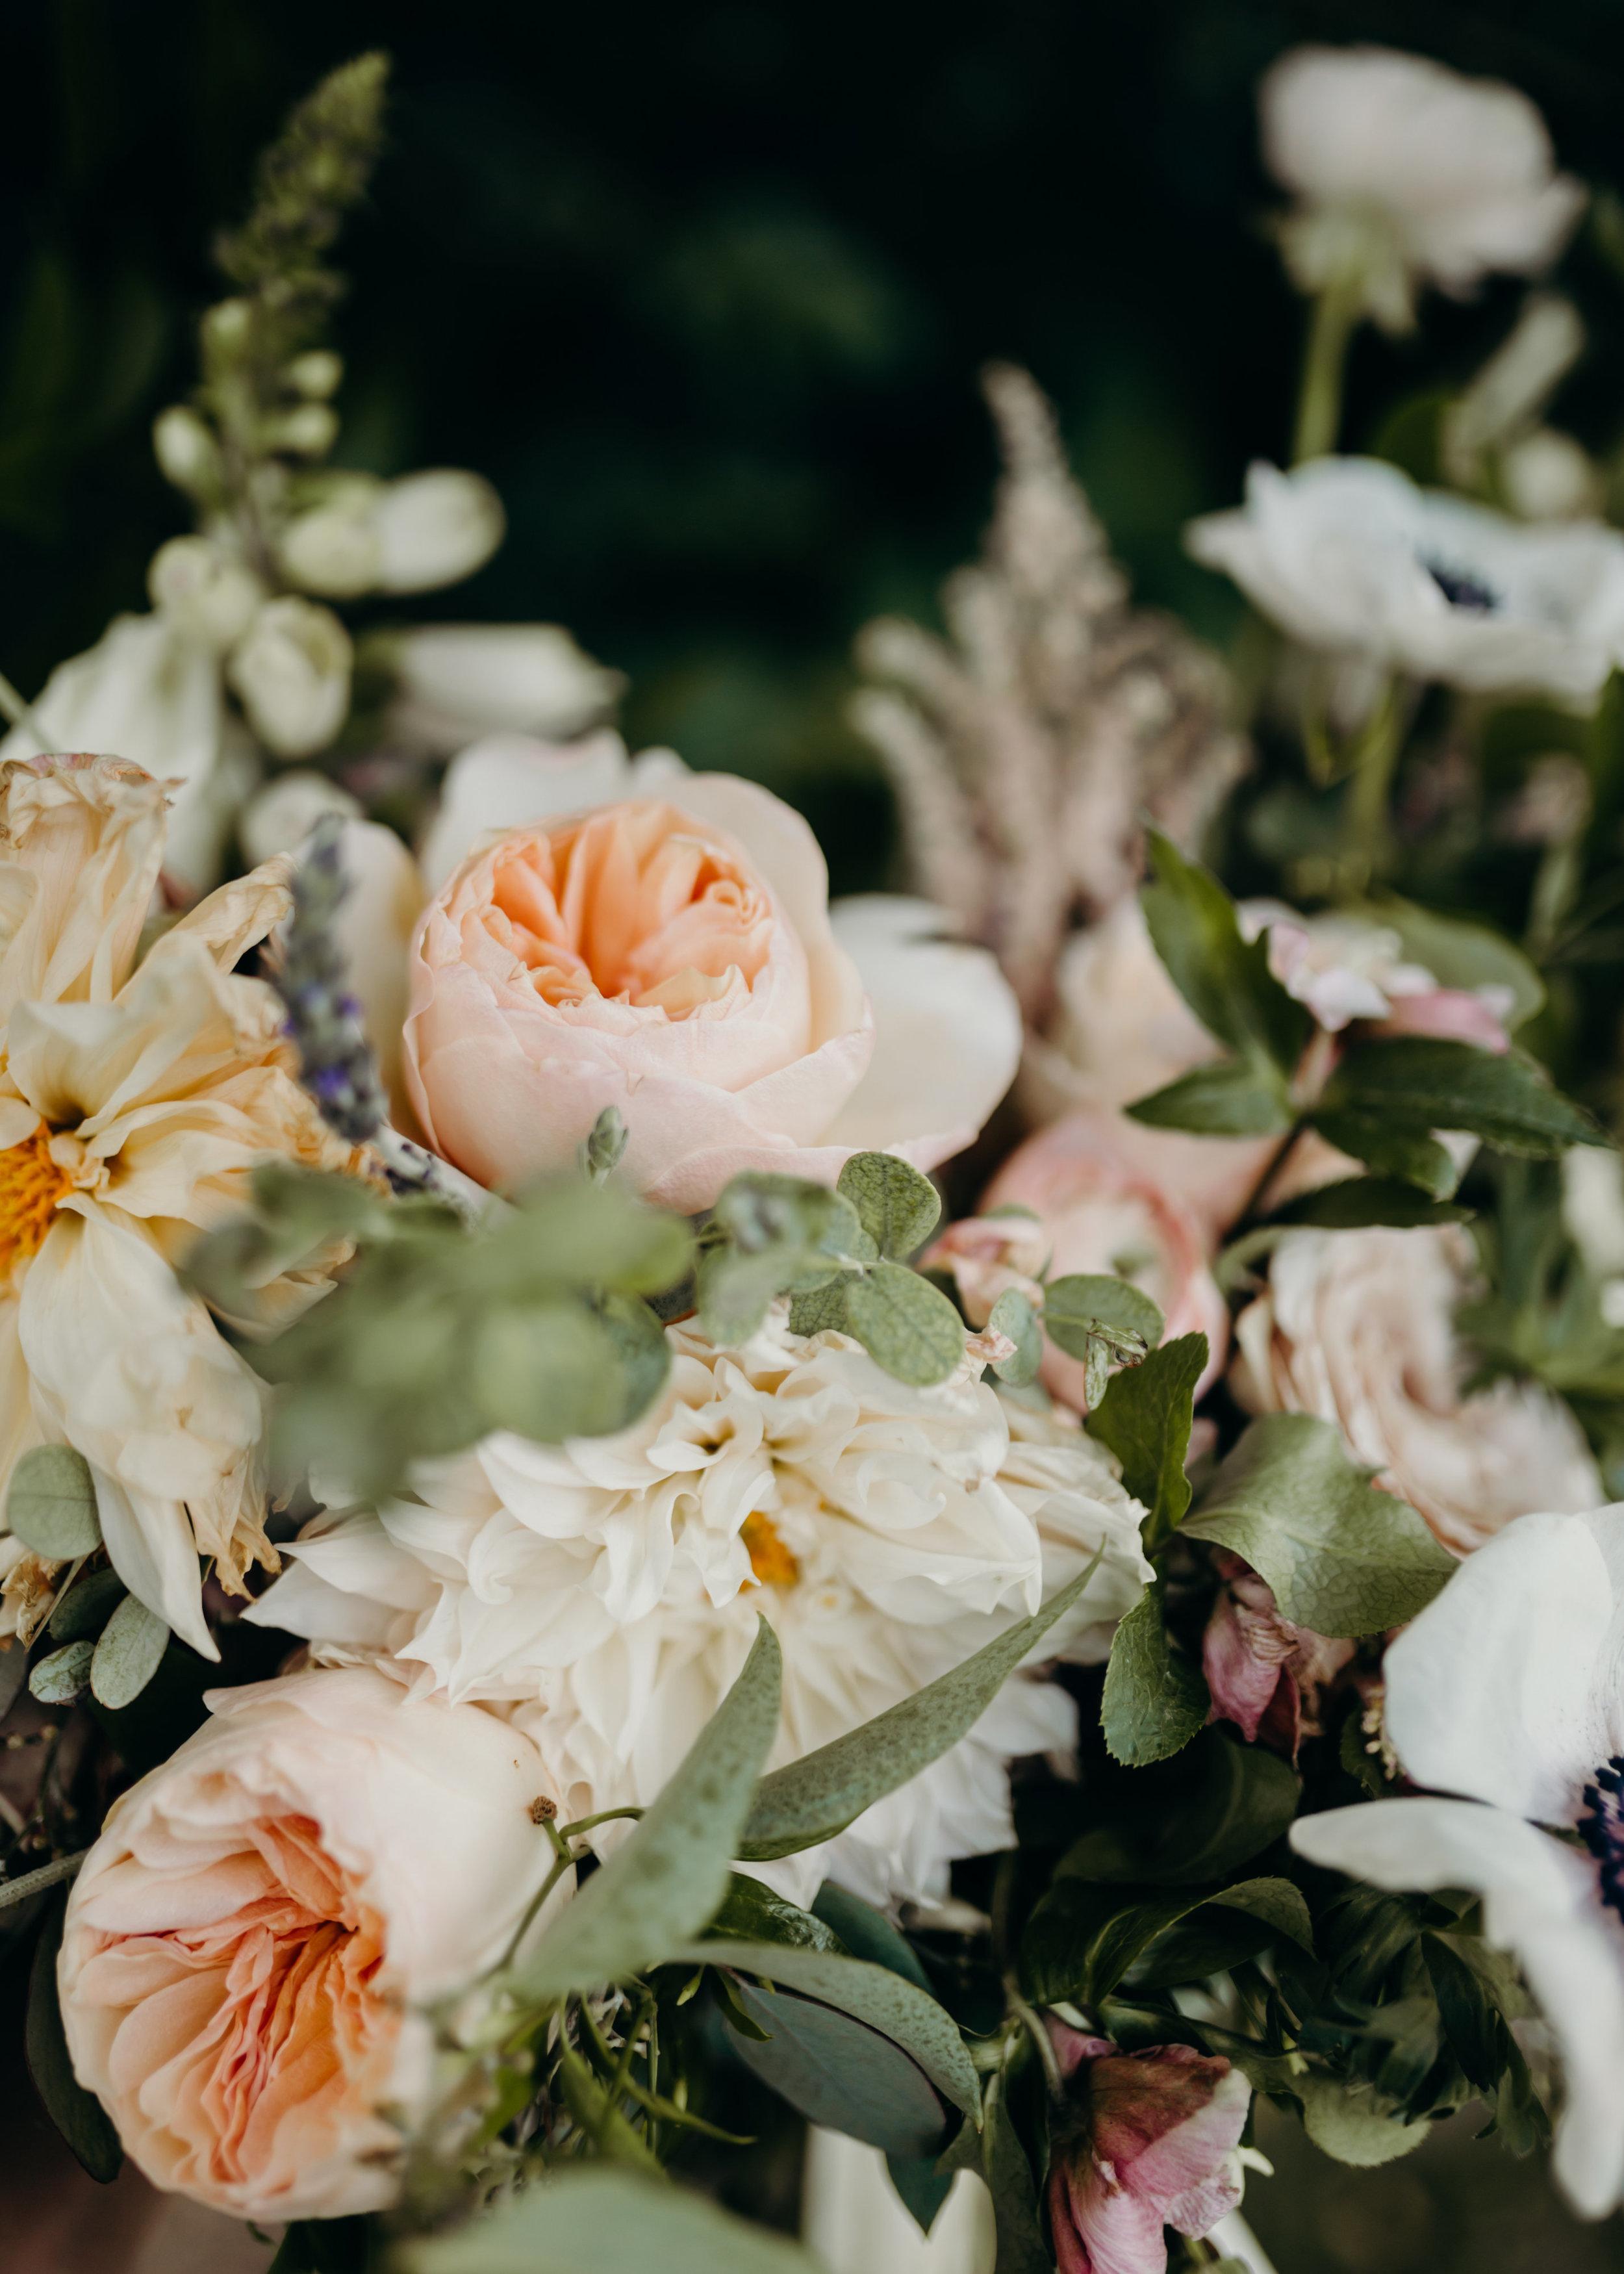 Blush and neutral bridal bouquet with cafe au lait dahlias, anemones, and ranunculus // Nashville Wedding Florist